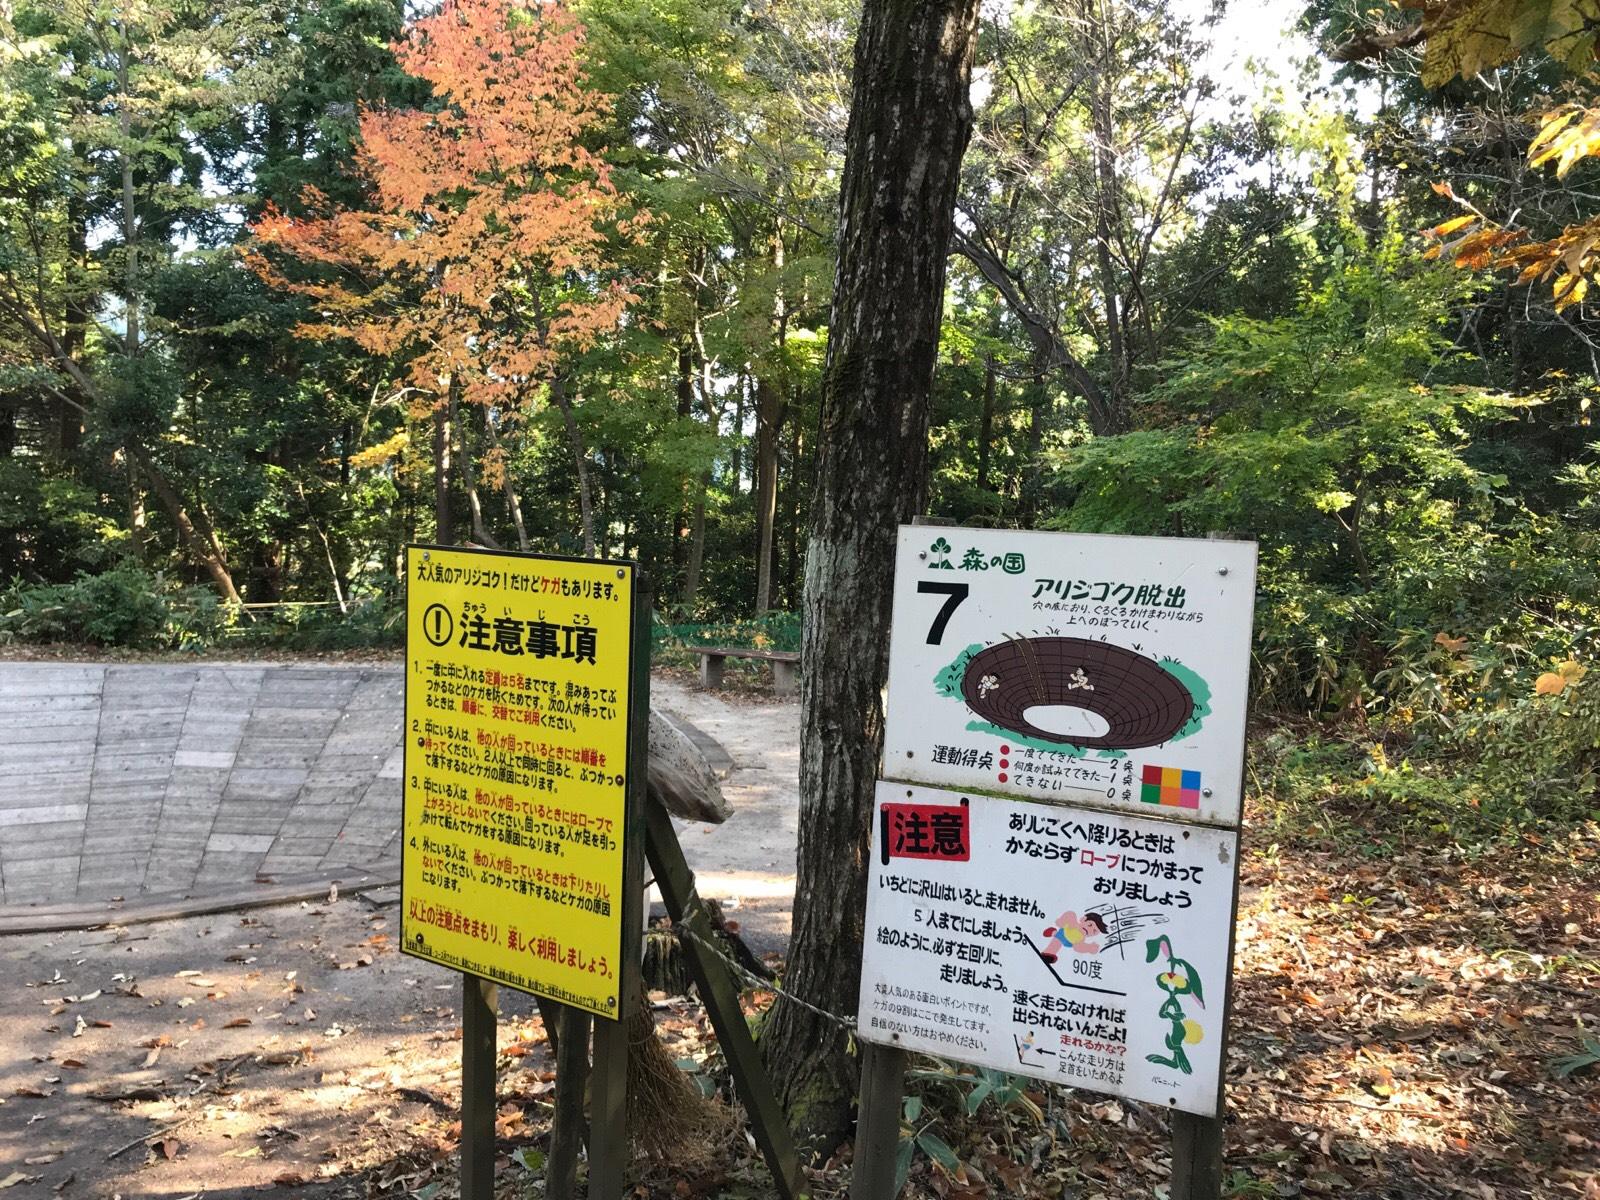 アリジゴク脱出という名のアスレチック:森の国大山フィールドアスレチック